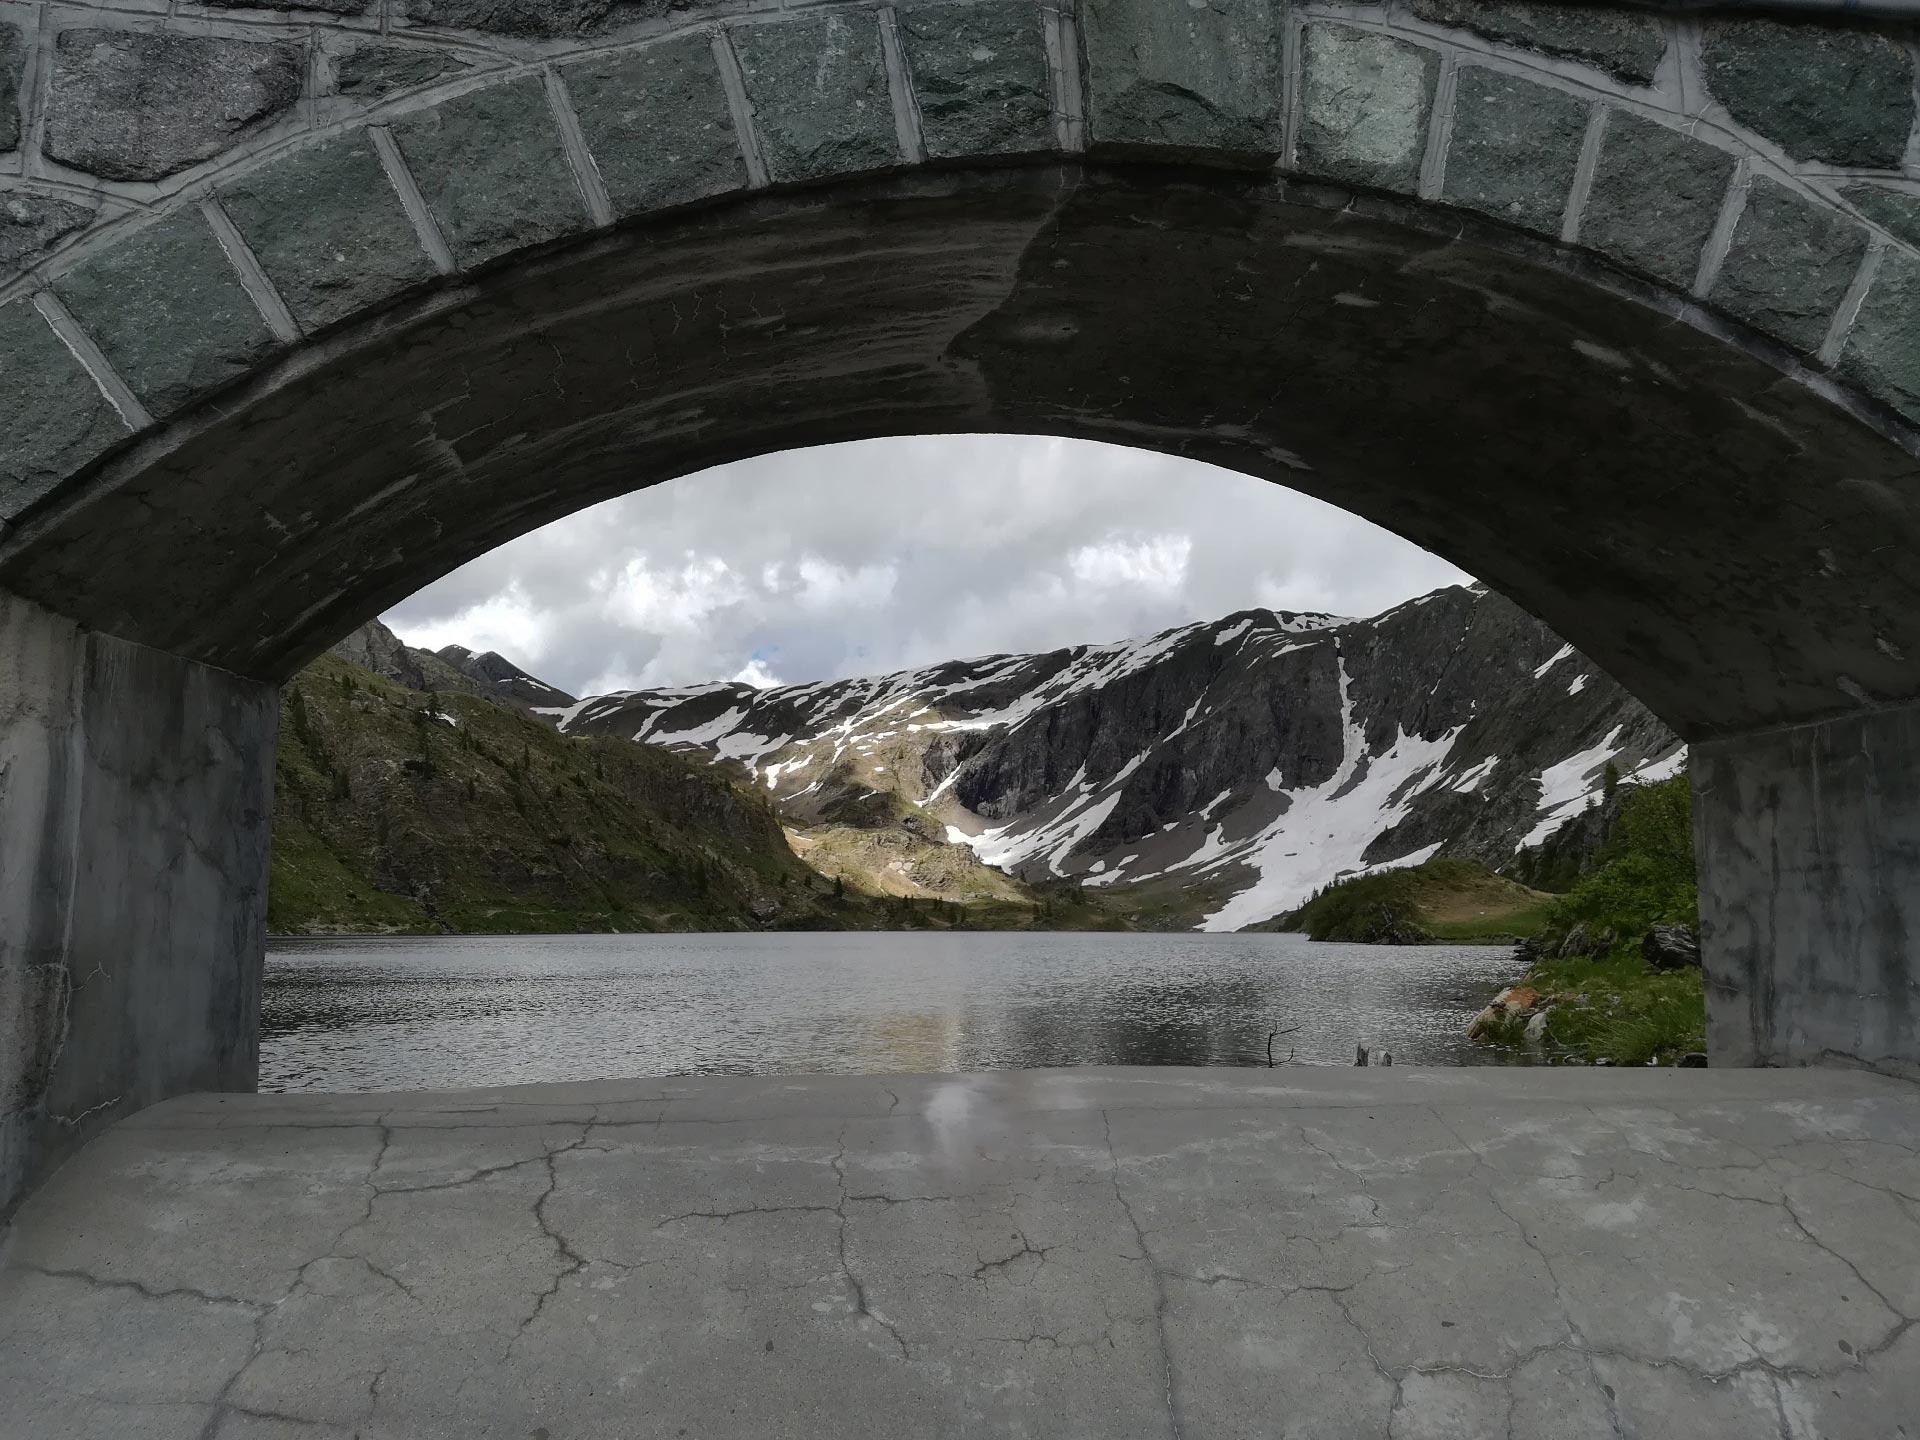 Uno scorcio del lago Colombo, in lontananza le montagne ancora parzialmente innevate, Val Brembana, Lombardia